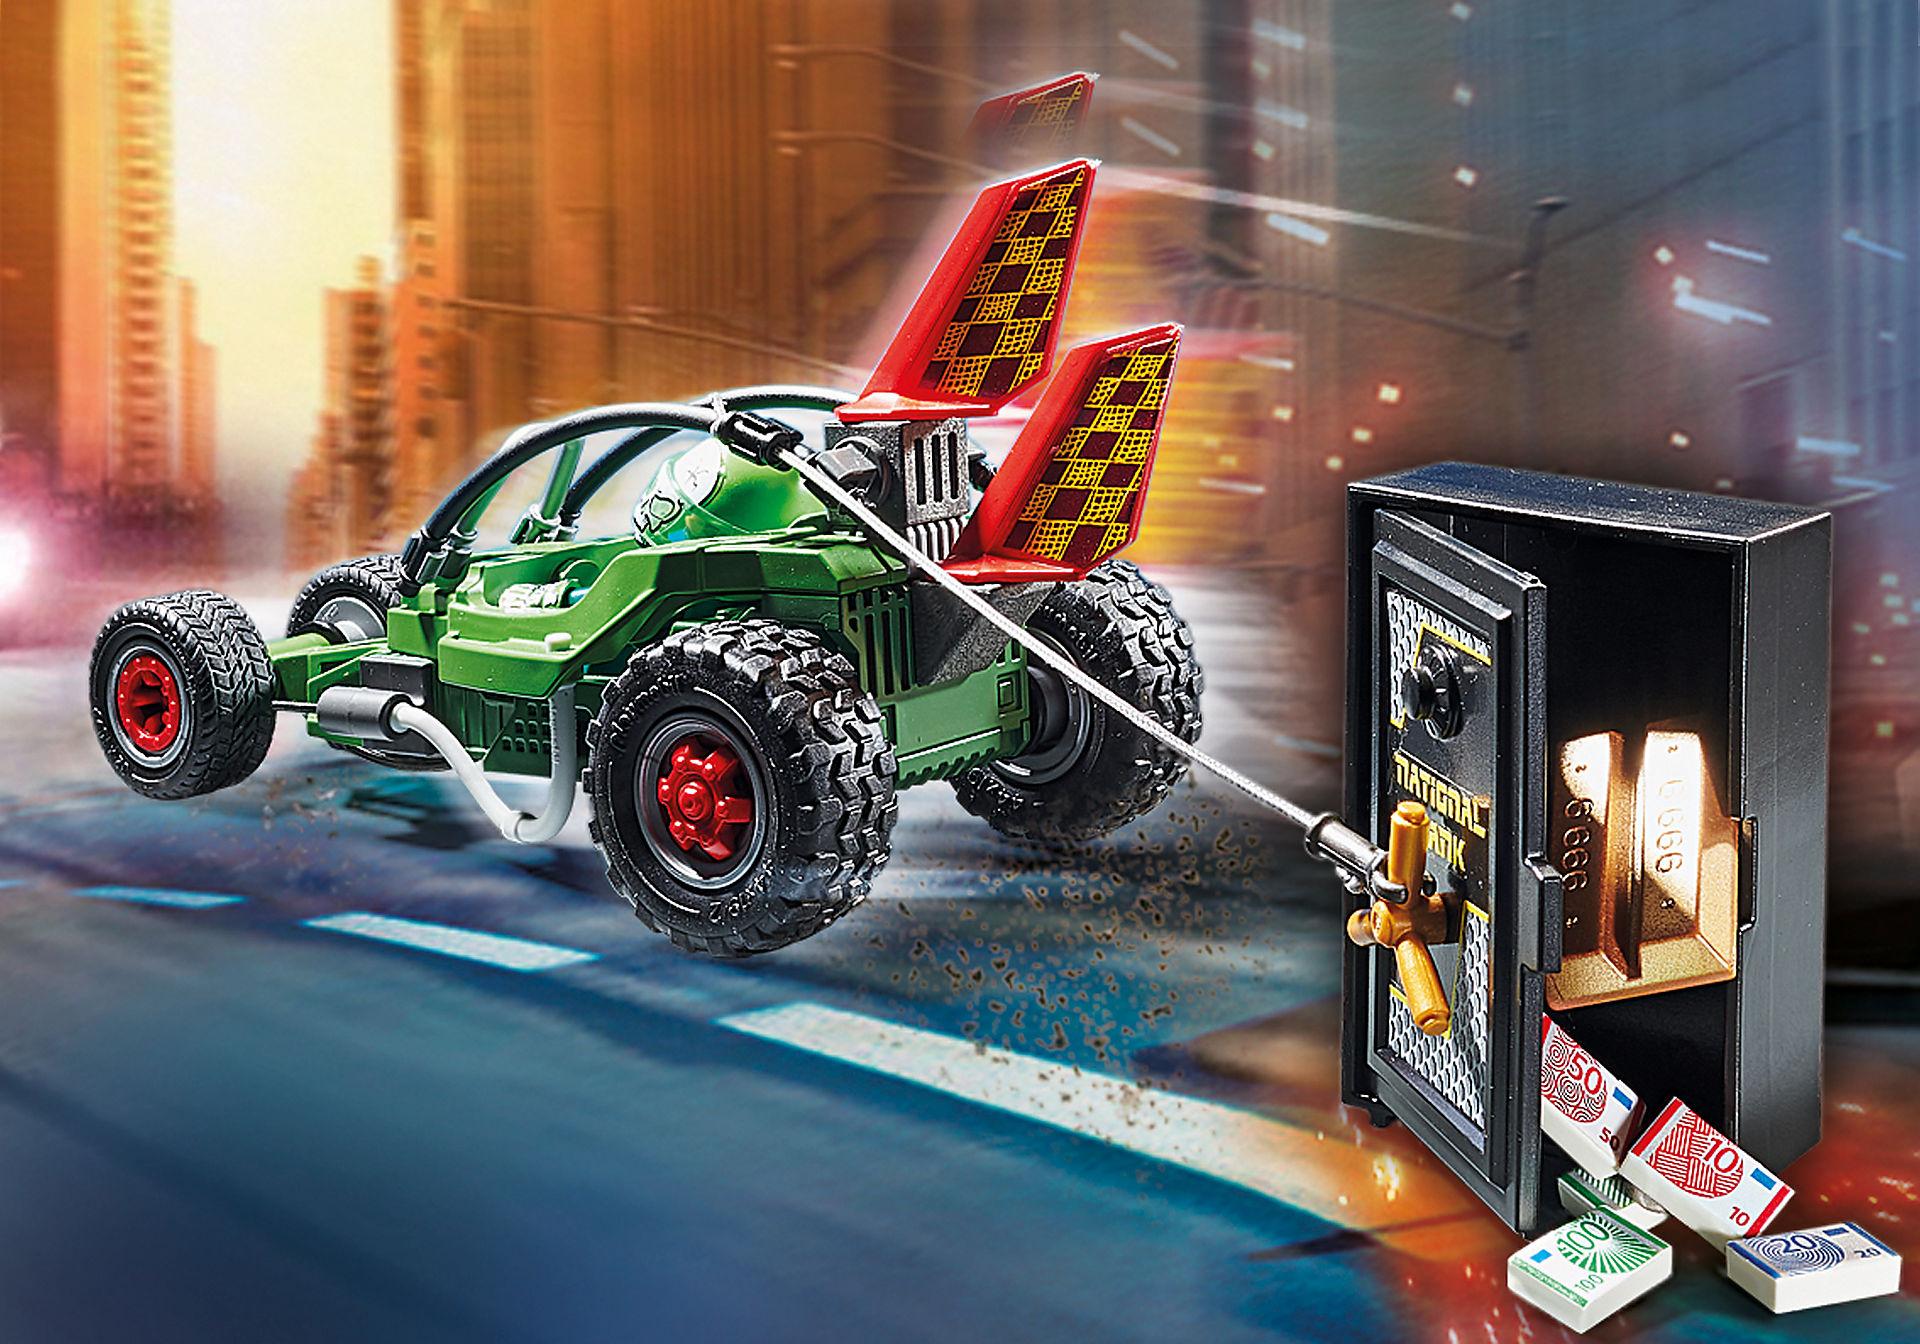 70577 Poliisin mikroauto: Kassakaappiryöstäjän takaa-ajo zoom image4